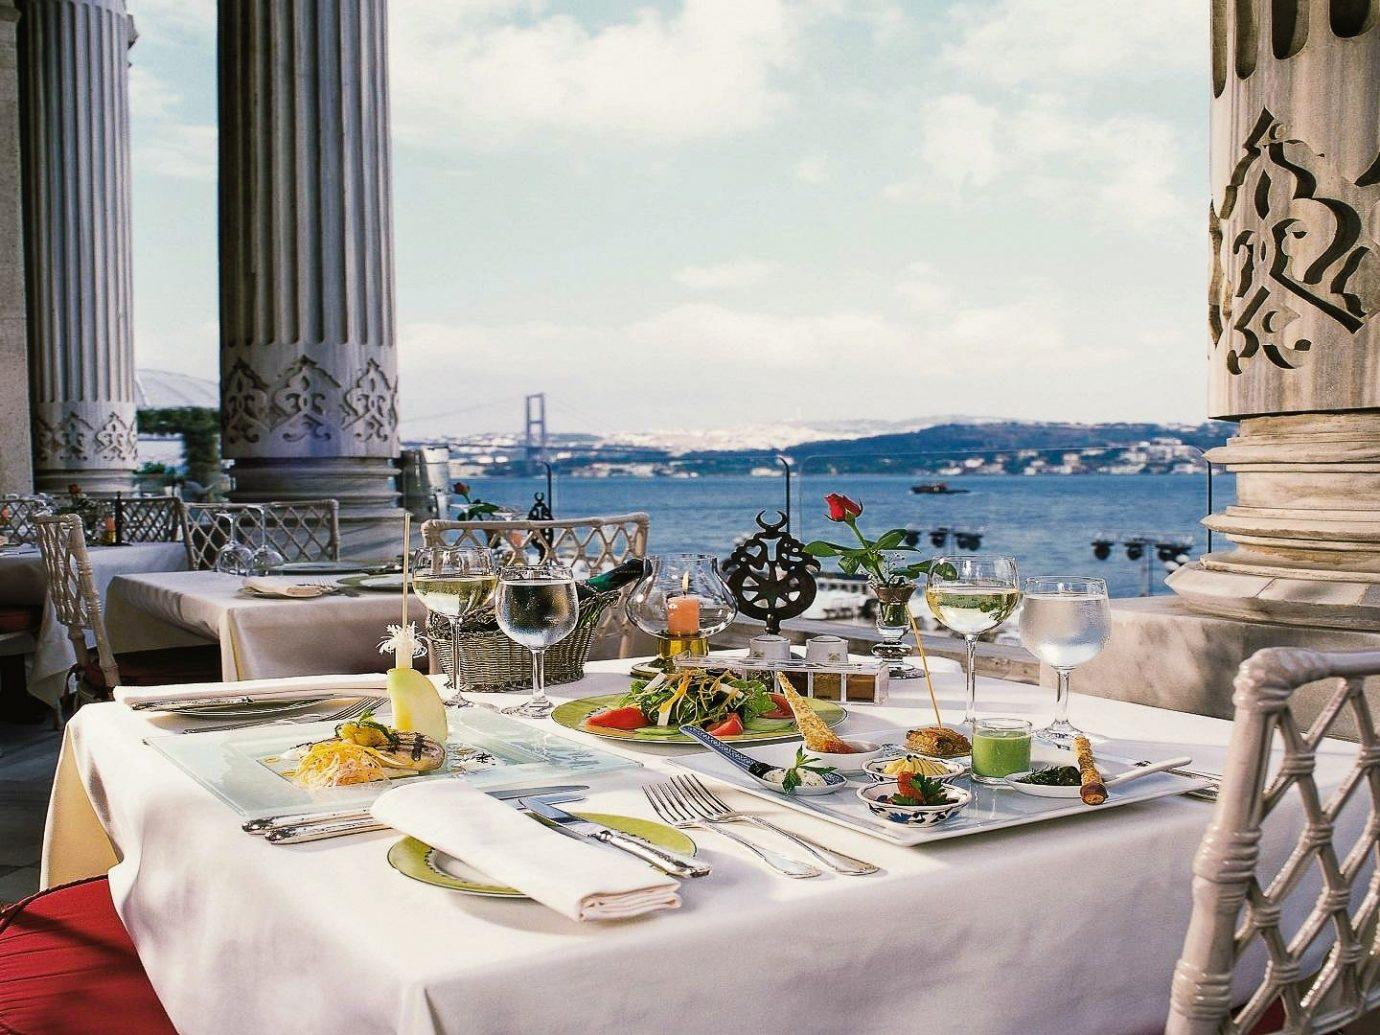 Приветственный ужин в рыбном ресторане с видом на Босфор